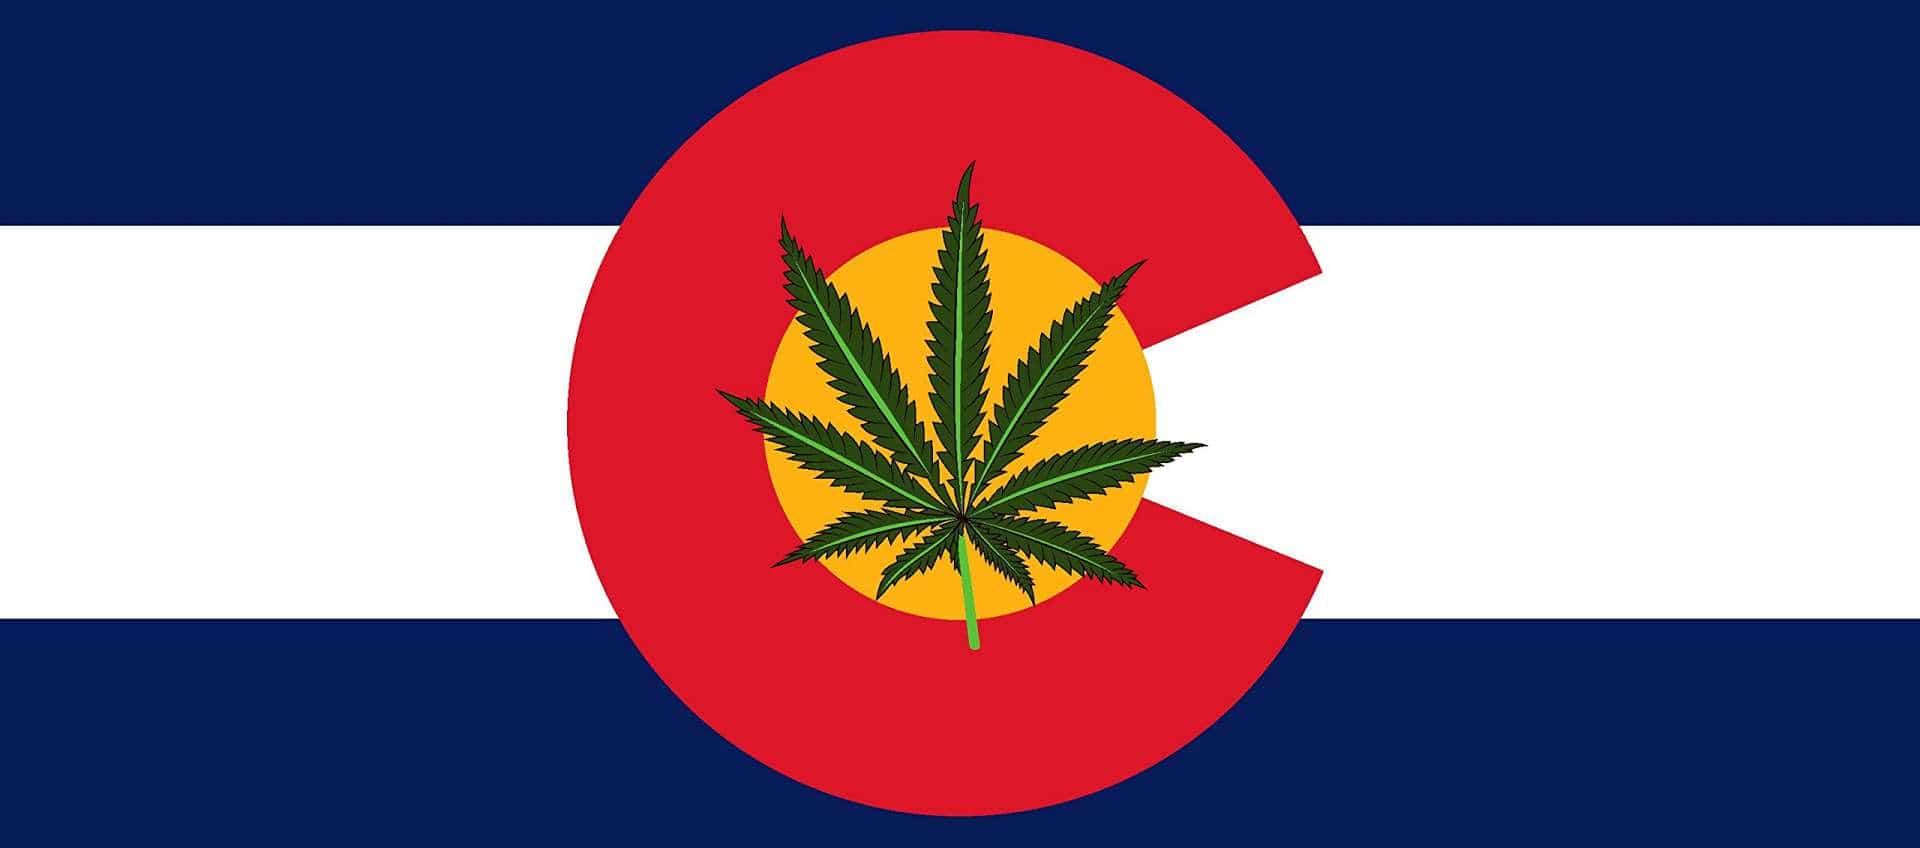 Colorado Seed Bank - Colorado Weed Flag